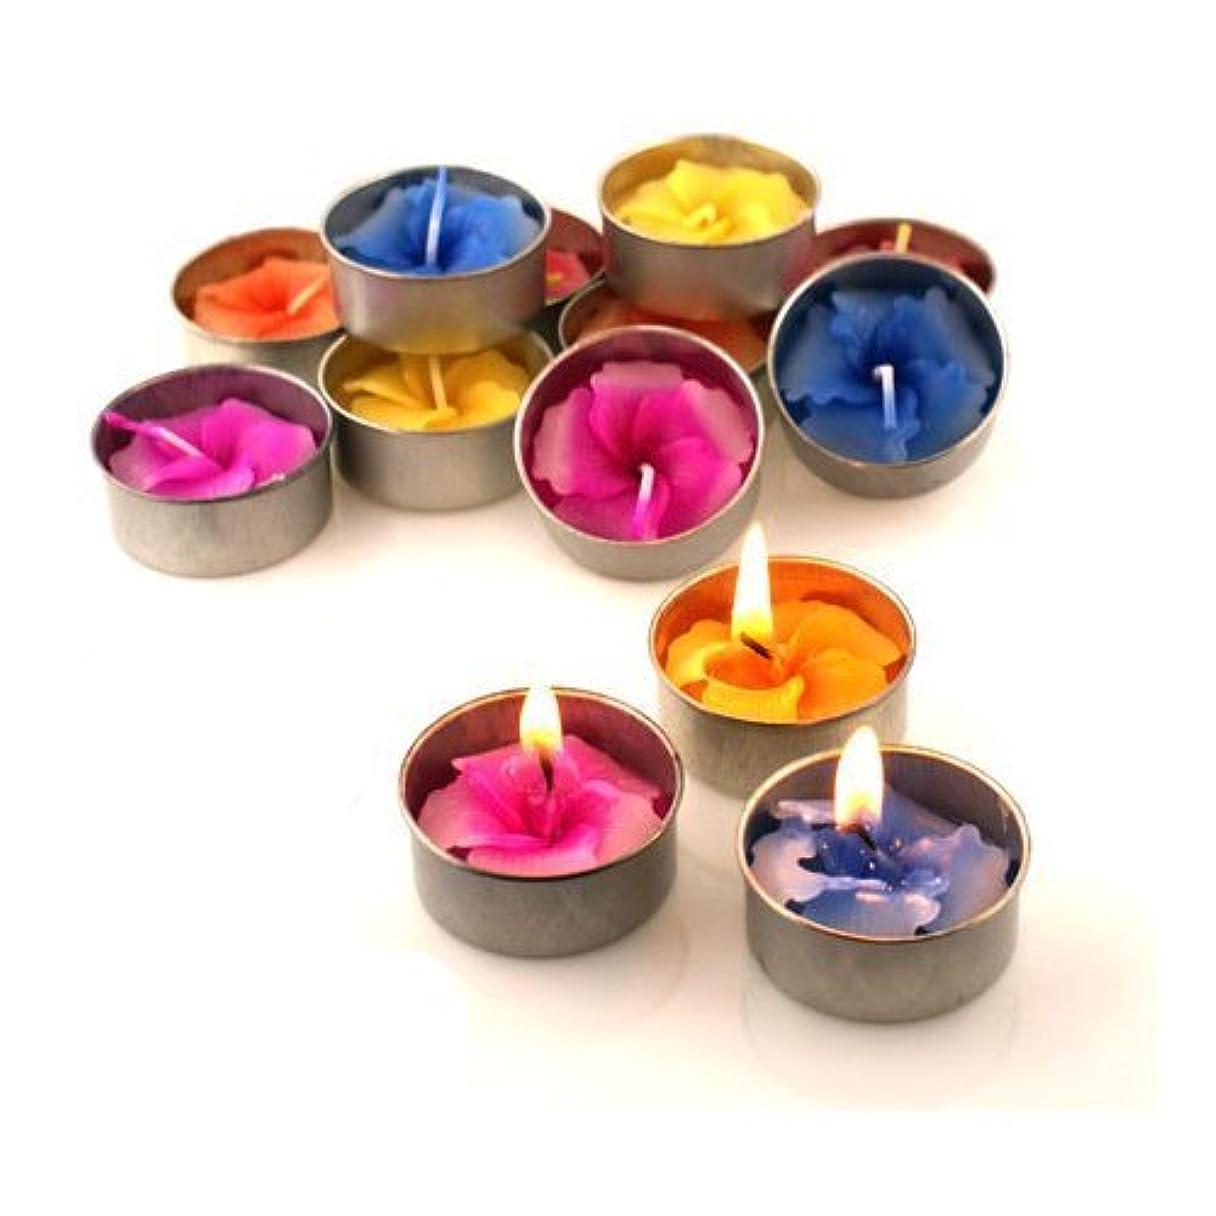 人物どっち染色Relax Spa Shop @ Hibiscus Candle in Tea Lights , Floating Candles, Scented Tea Lights ,Aromatherapy Relax, Decorative...